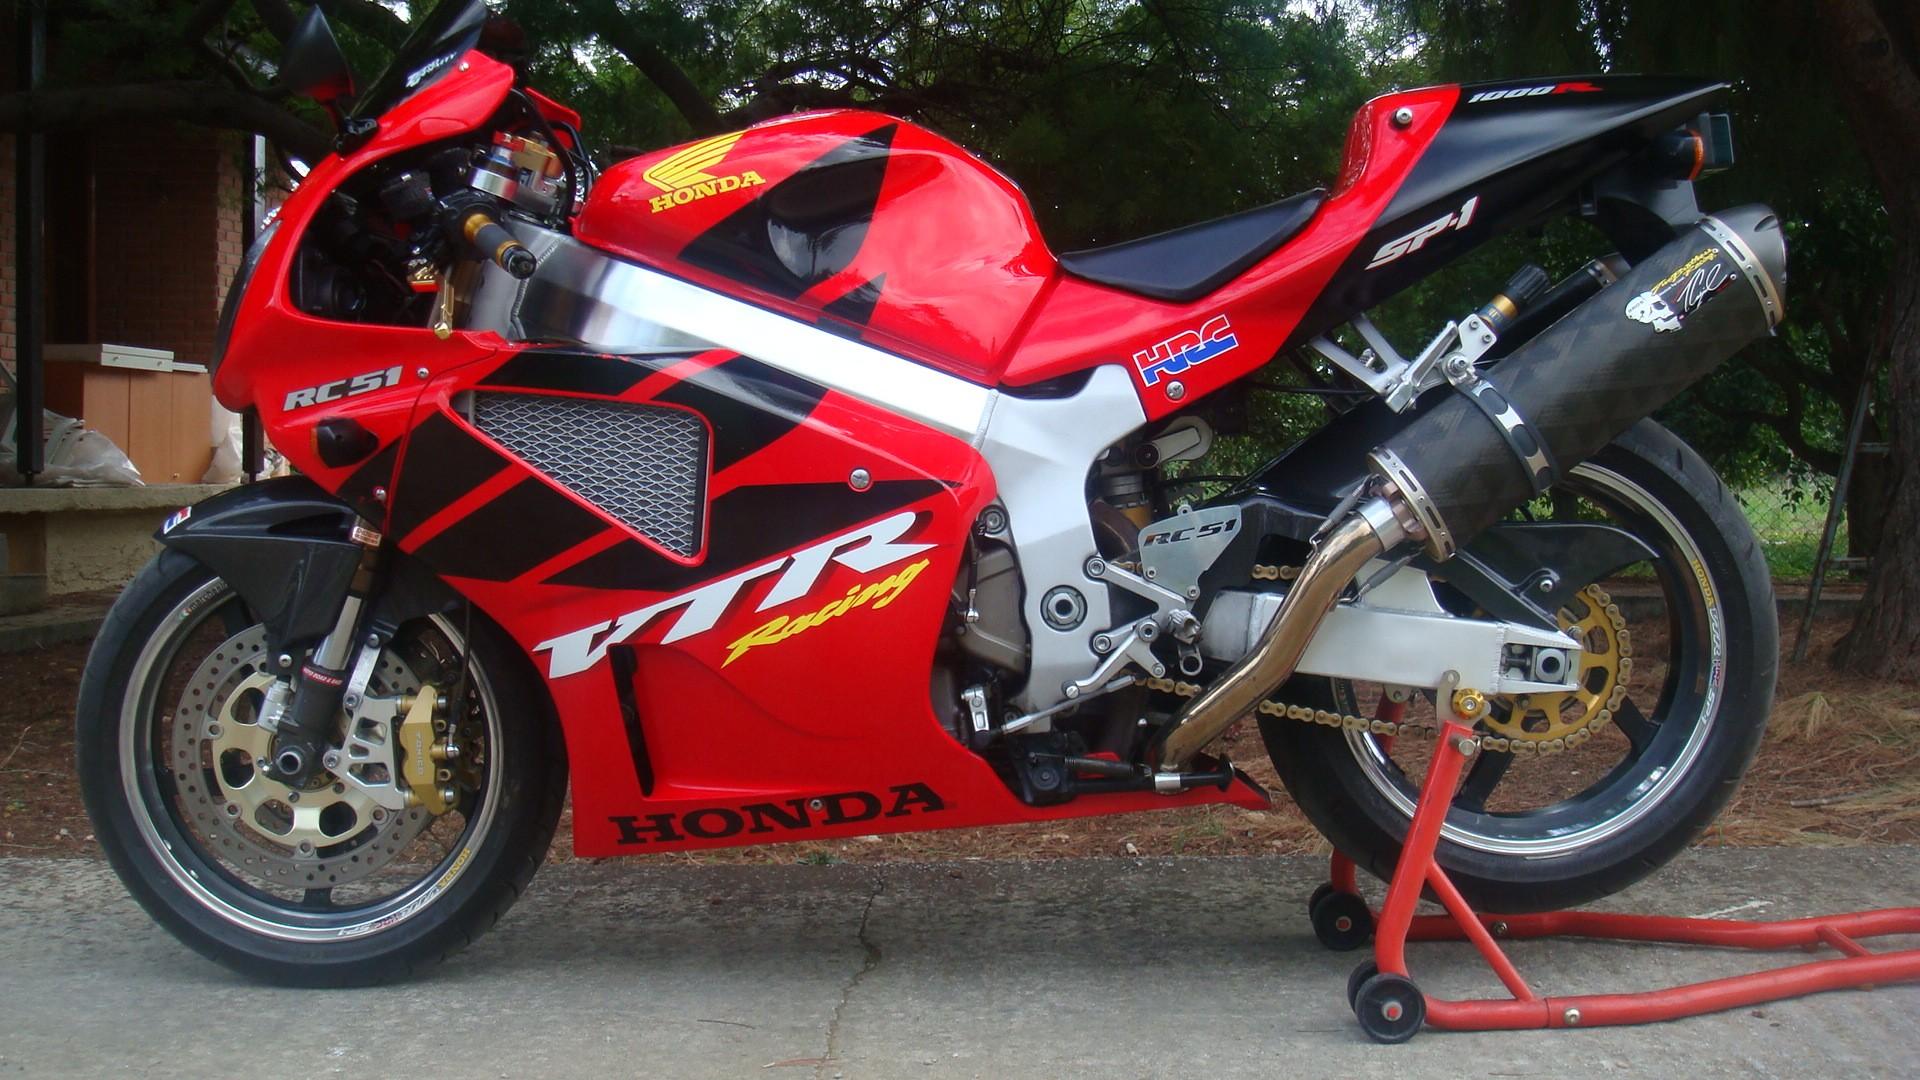 Vtr Sp1 Parts Honda Vtr 1000r Sp1 Rc51 2000